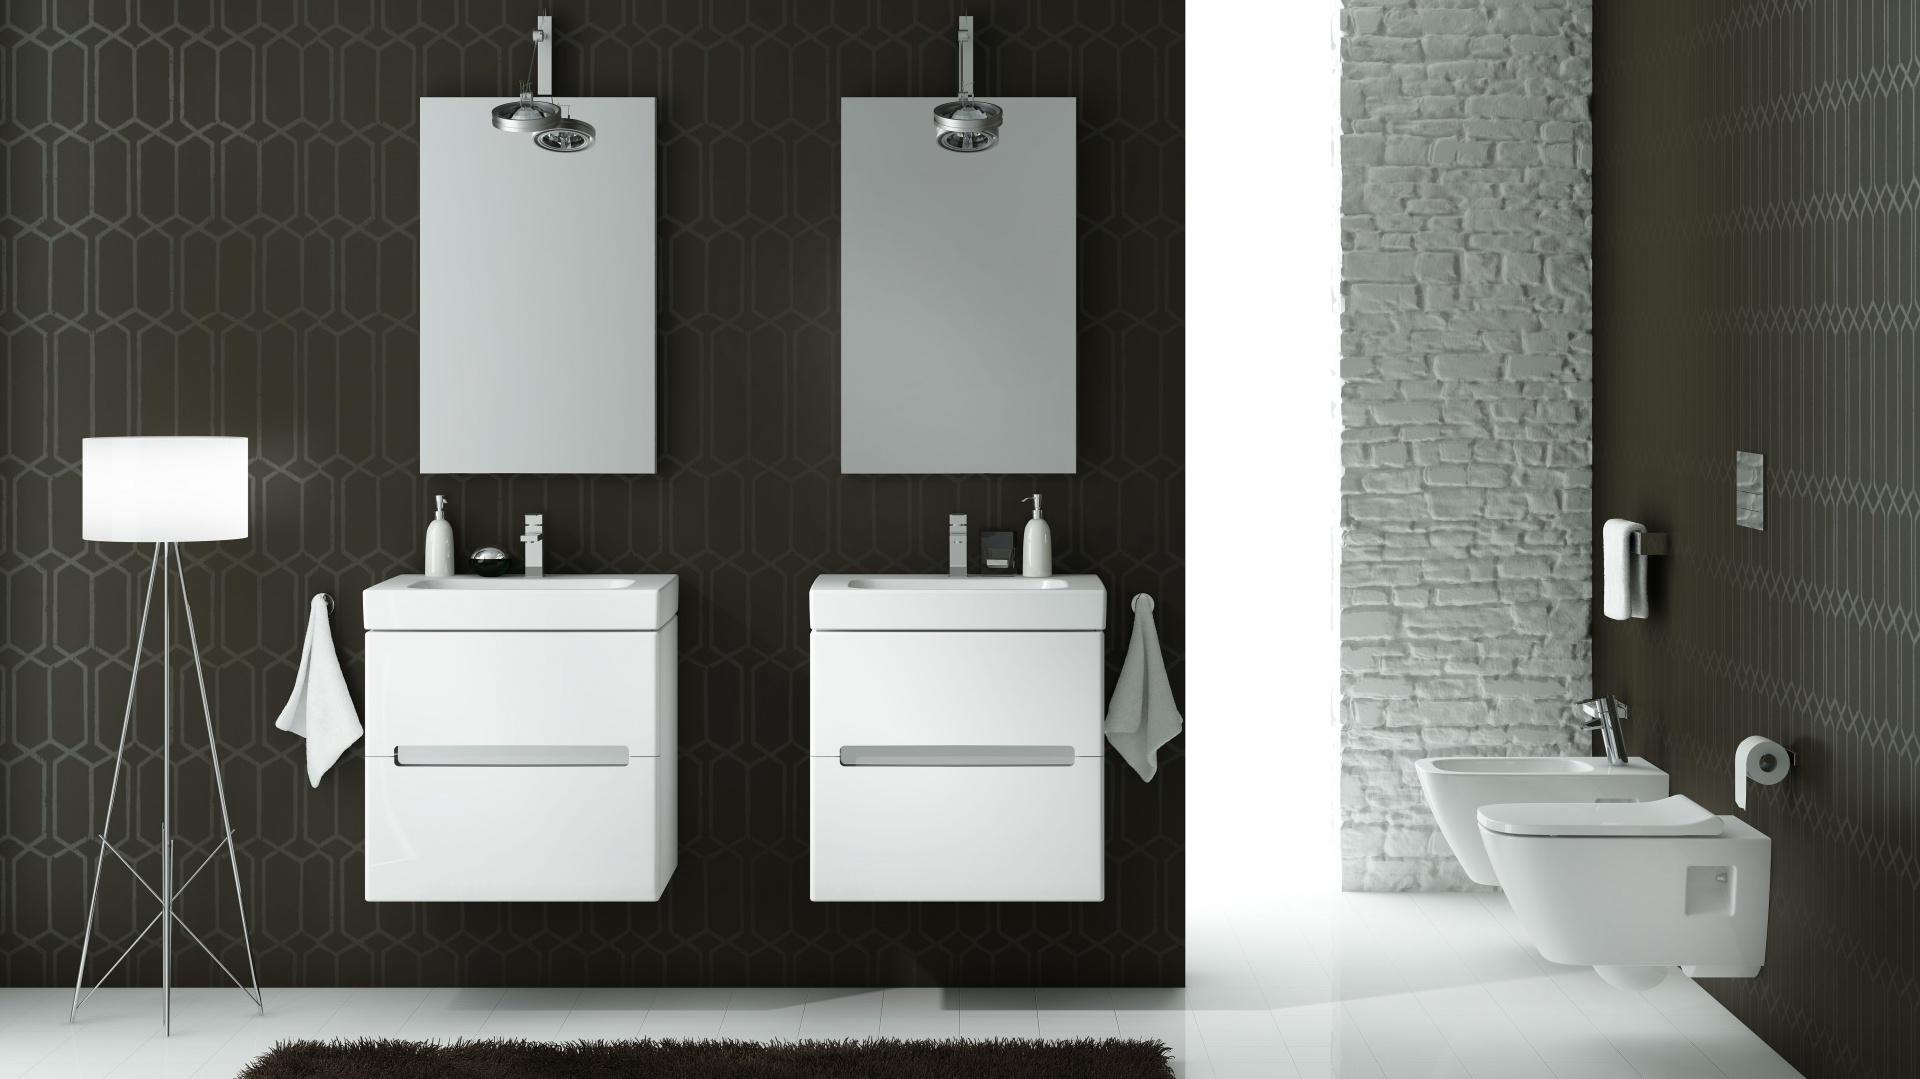 Kolekcja Modo, to również meble łazienkowe wykonane z płyty wilgocioodpornej. Fot. Koło